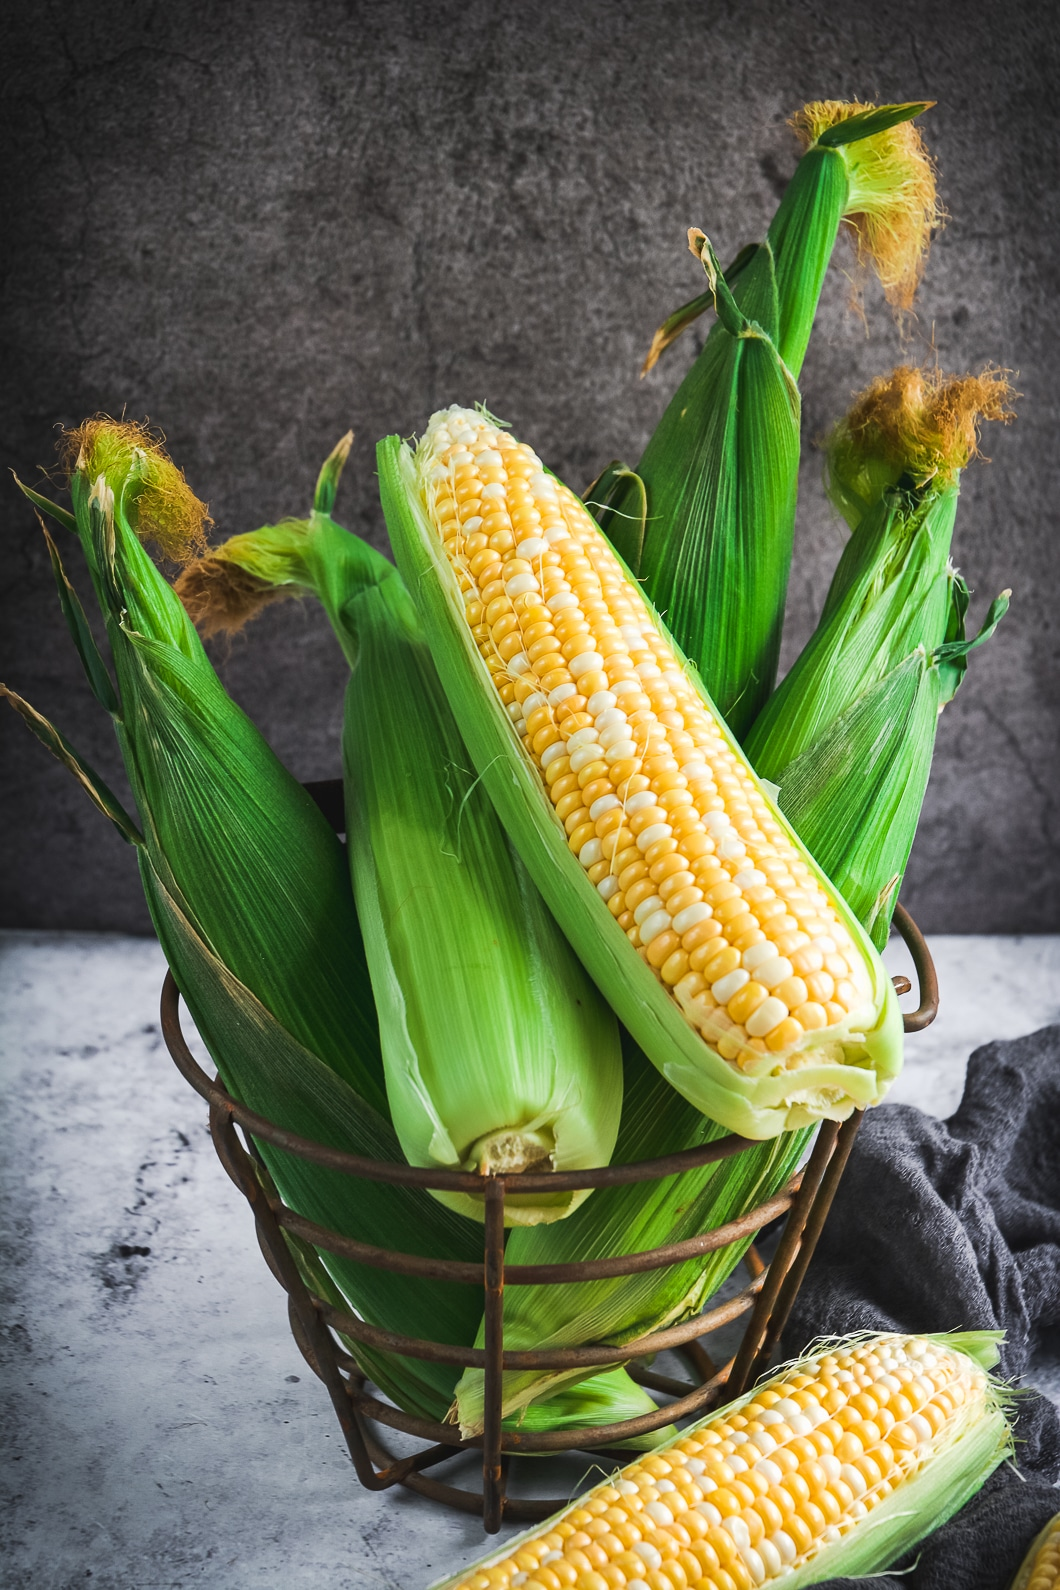 whole corn unpeeled